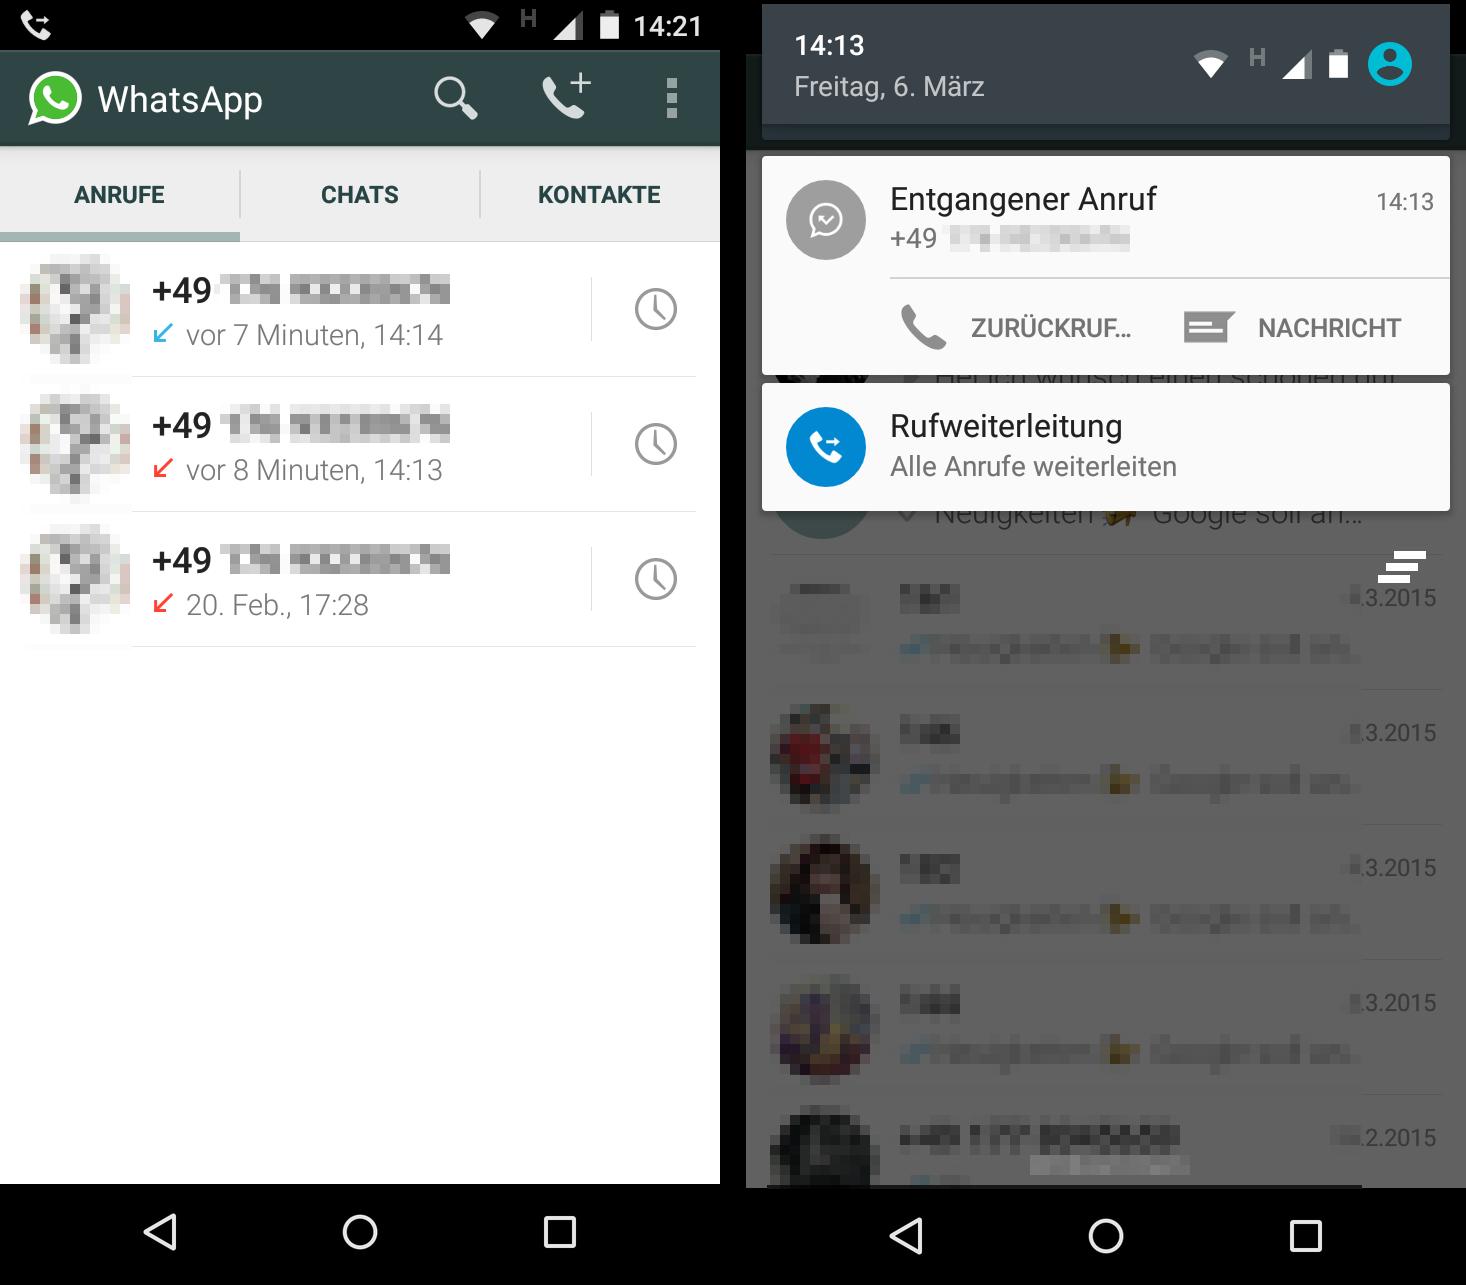 WhatsApp telefonie freischalten